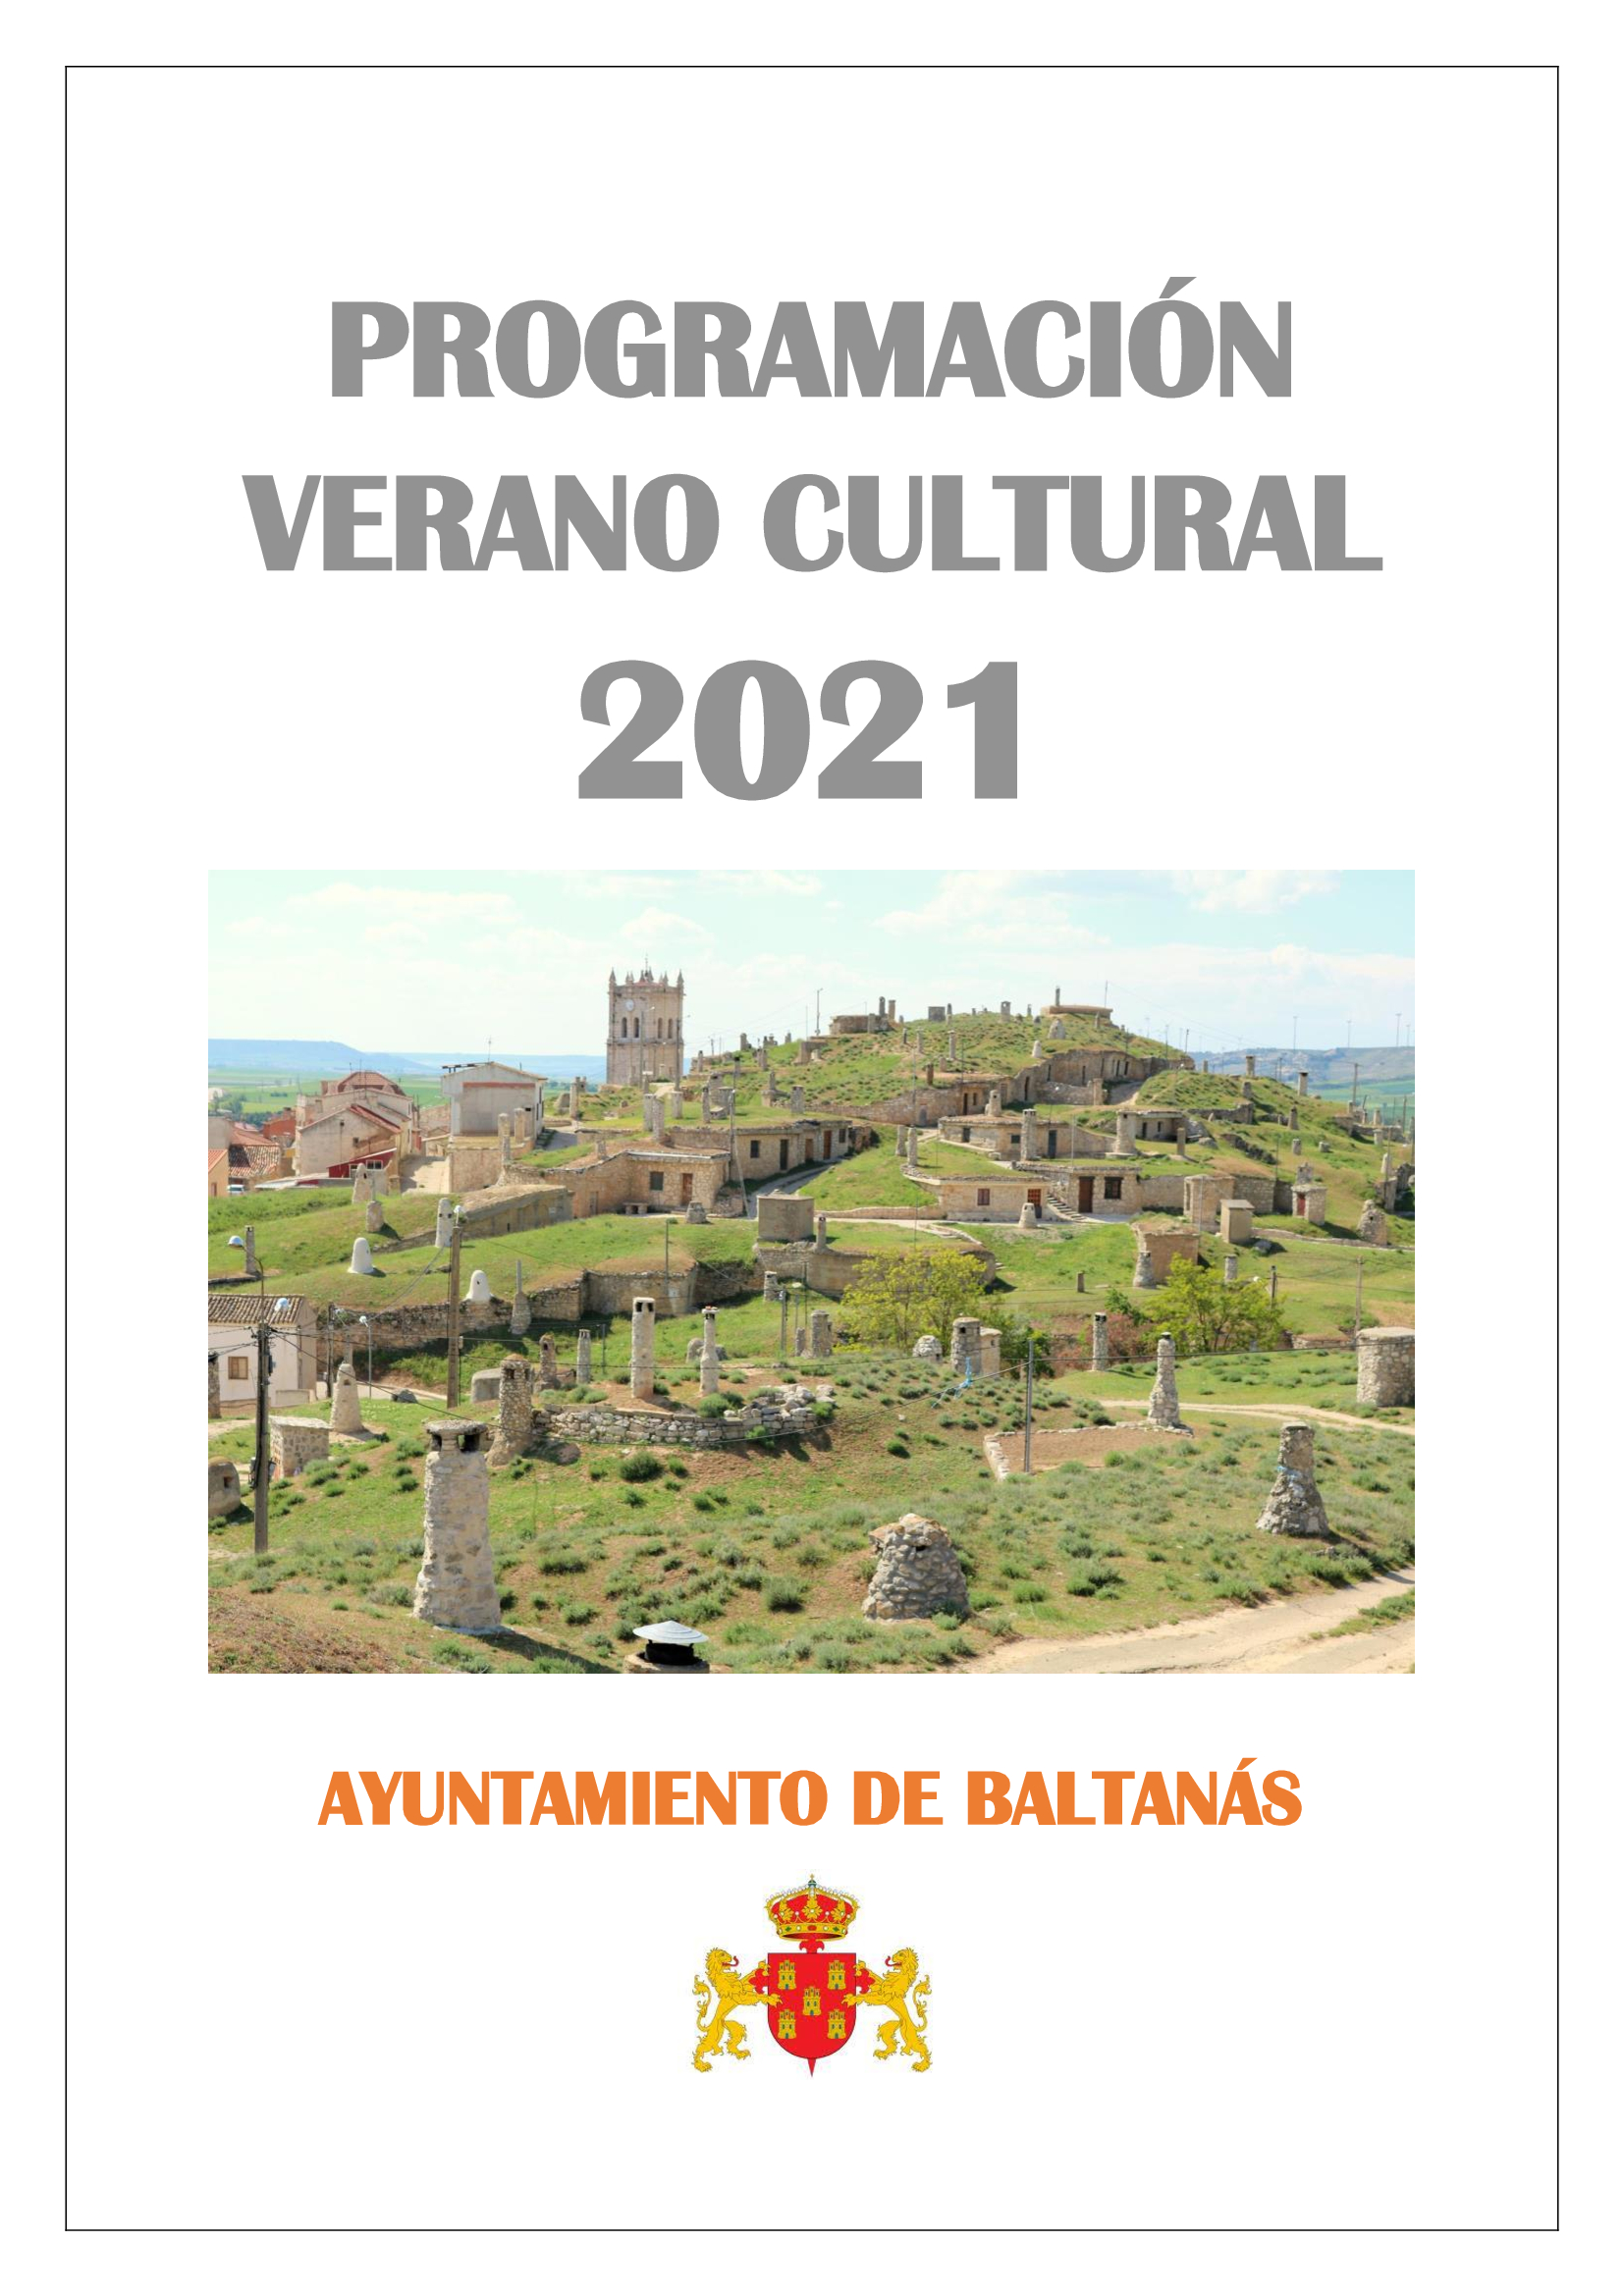 PROGRAMACIÓN VERANO CULTURAL 2021